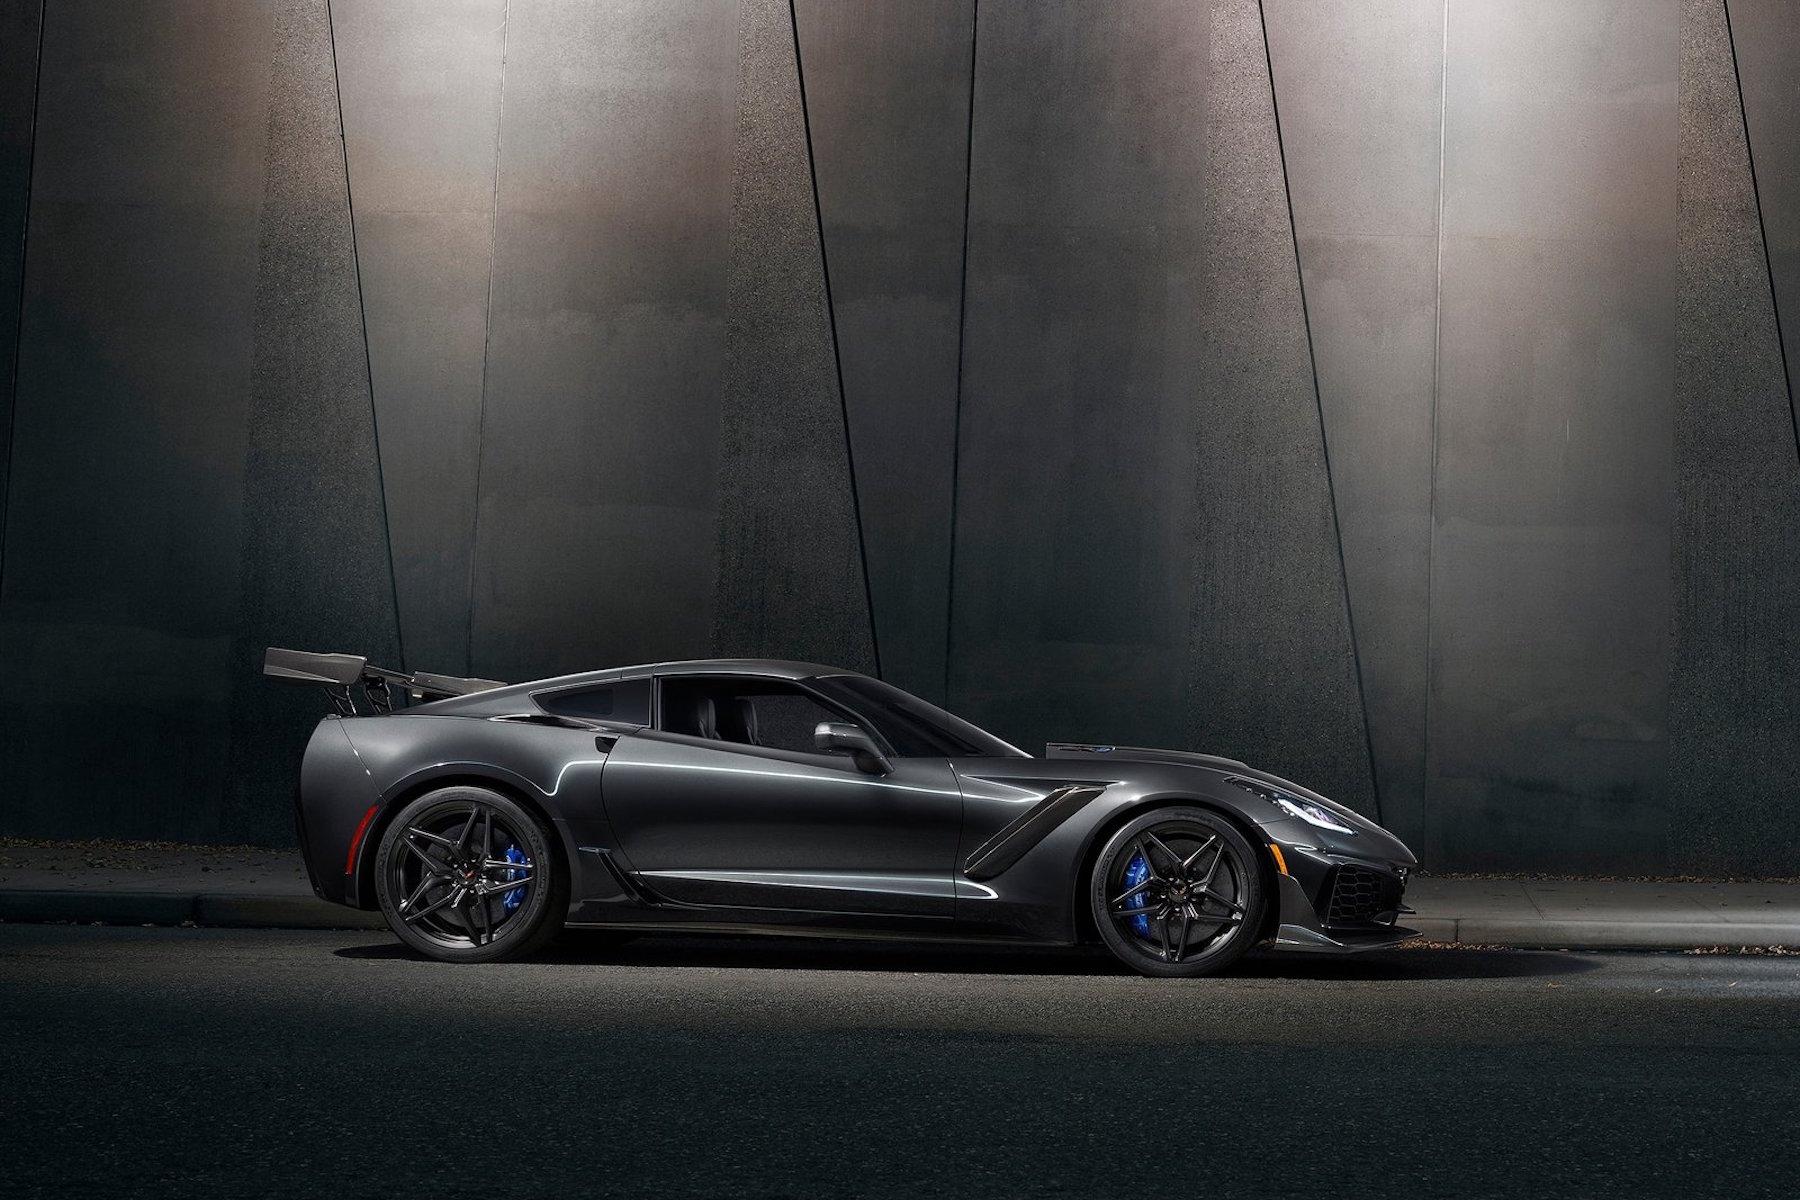 2018 Chevrolet Corvette ZR1